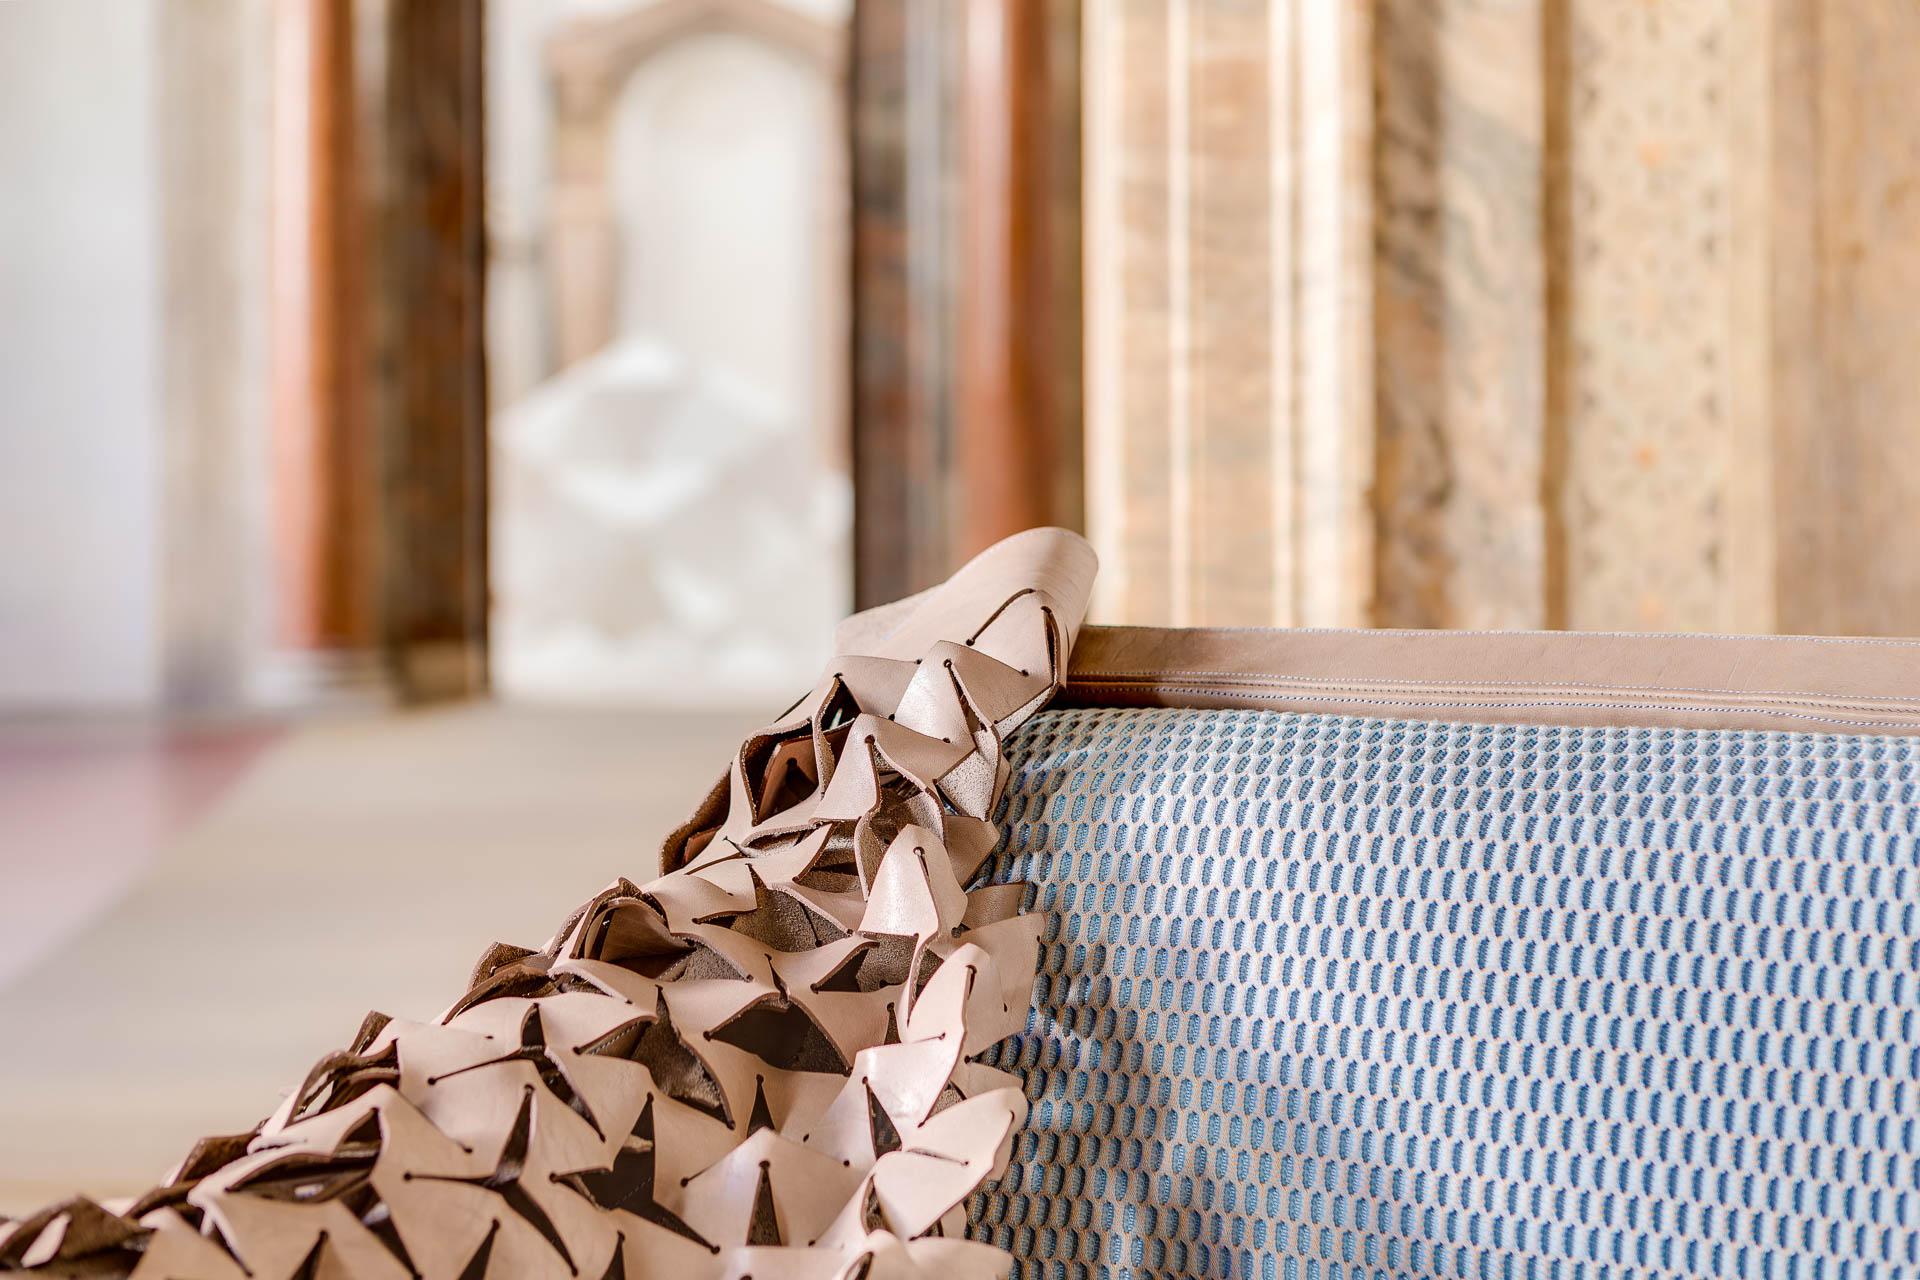 Servizio Fotografico installazioni artistiche architettura Venezia 09